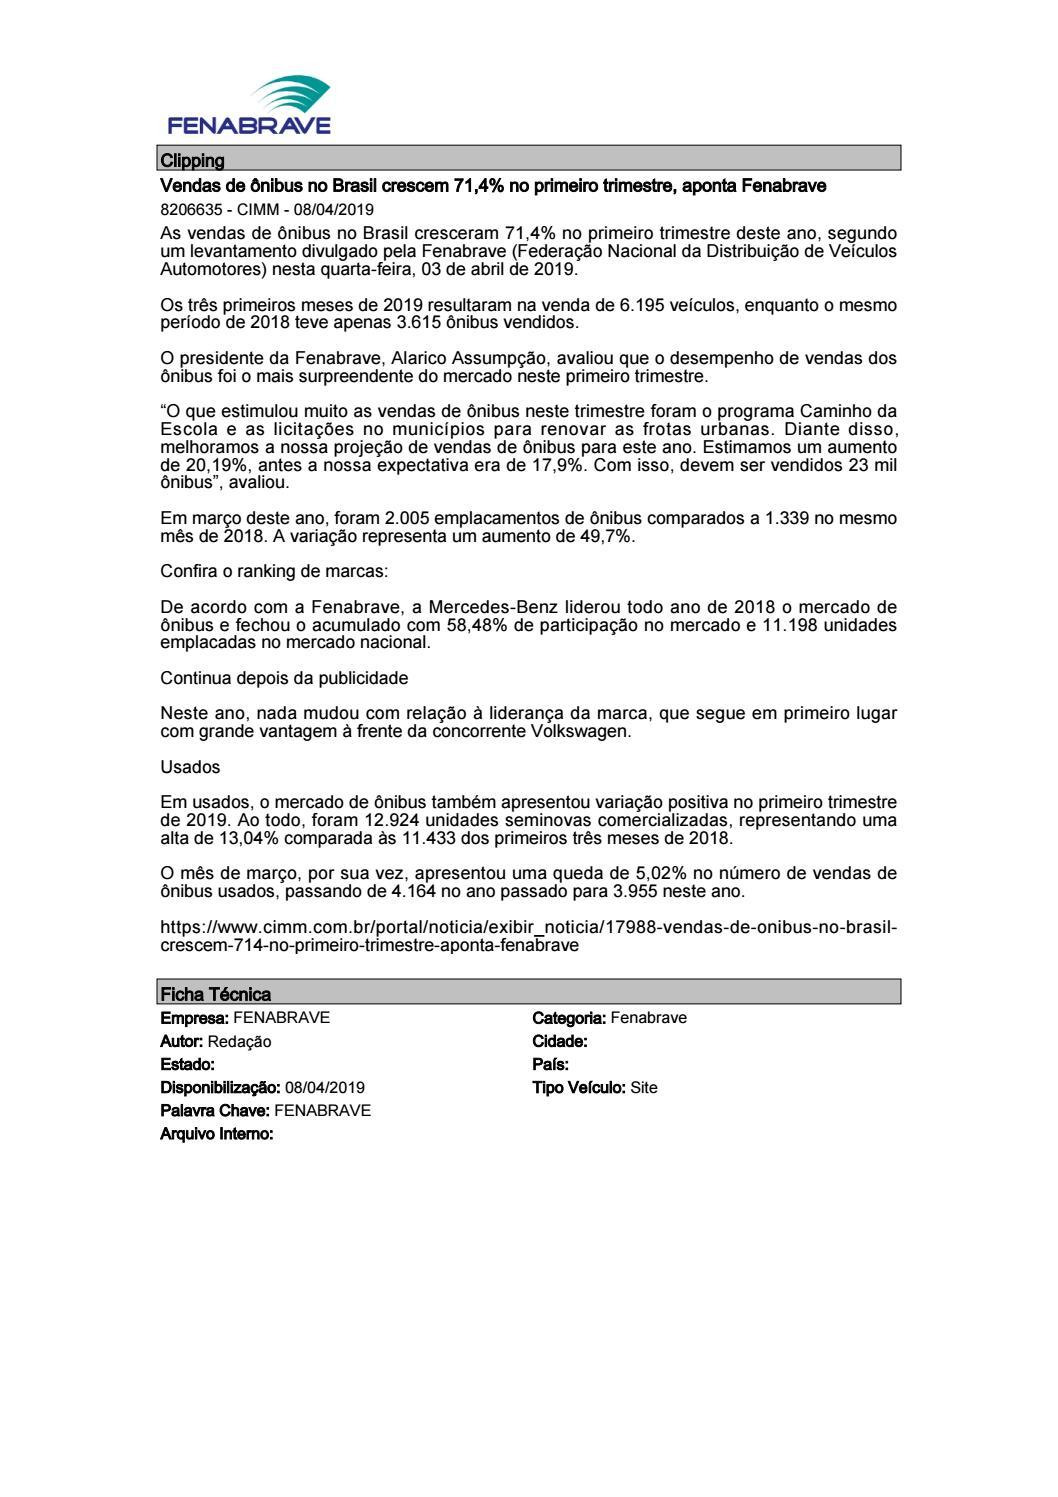 6f7614fca21d60 ClIpping FENABRAVE 15.05.2019 by MCE Comunicação - issuu